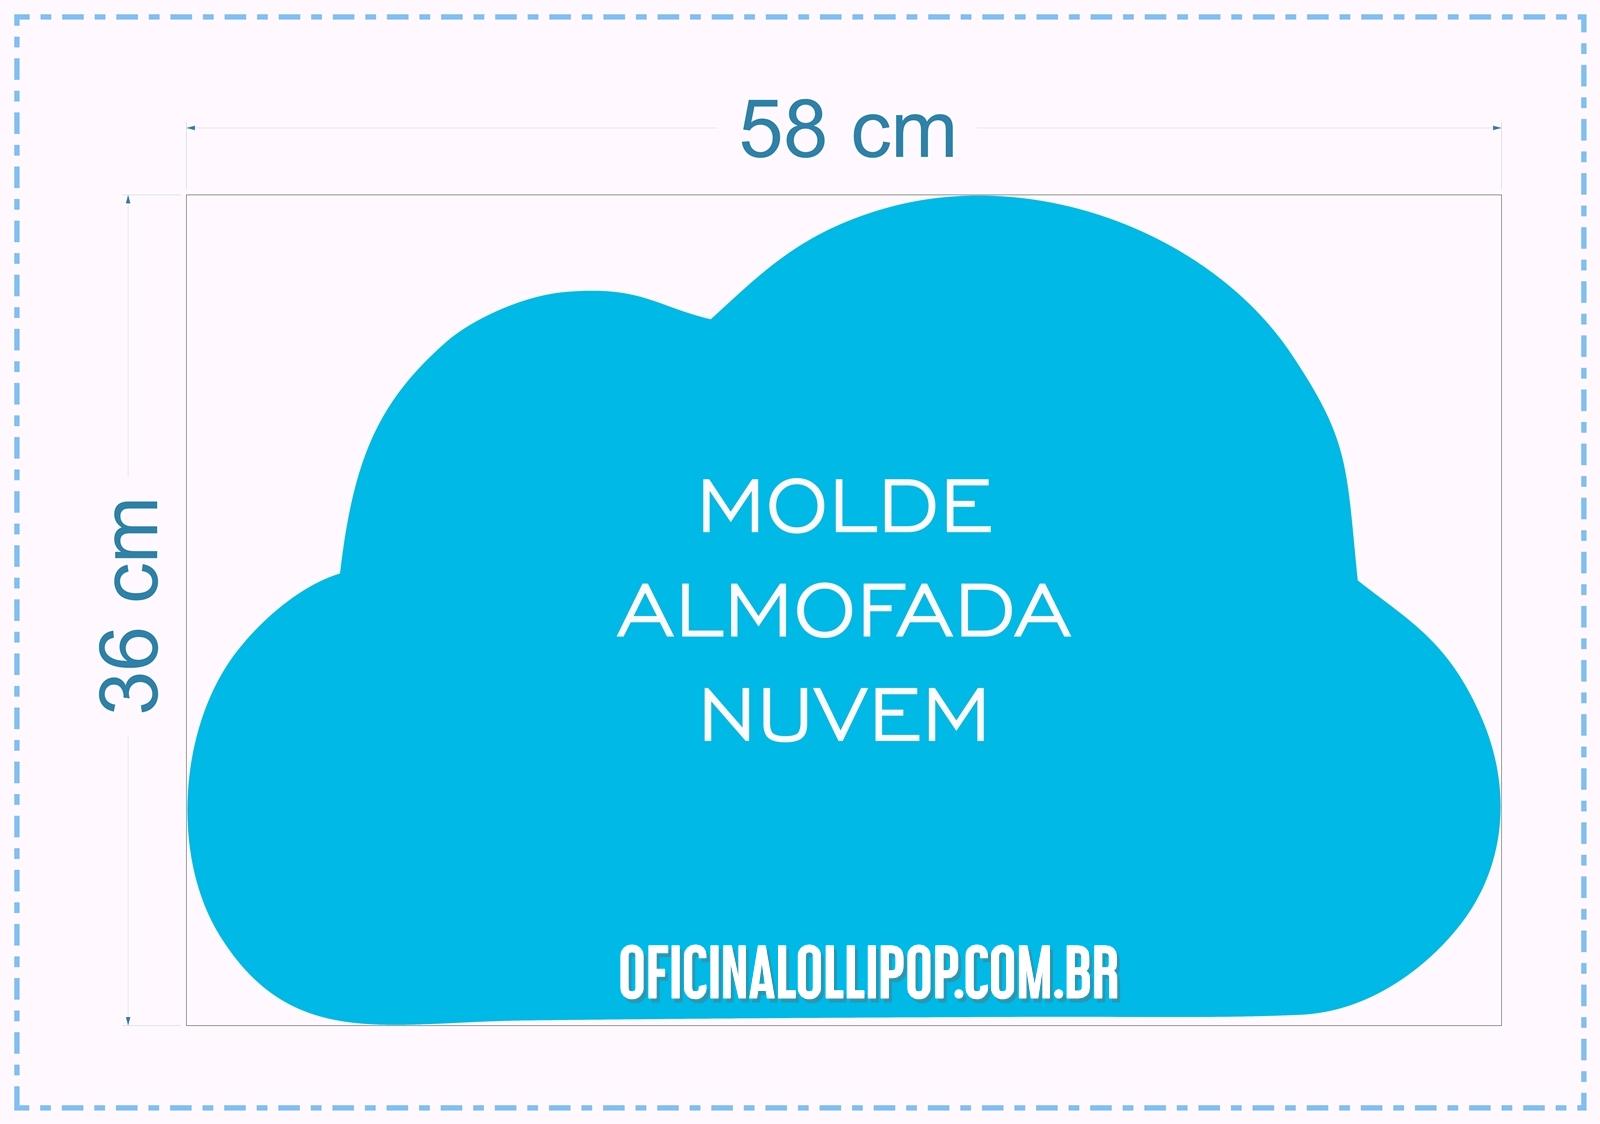 oficina lollipop molde almofada de nuvem